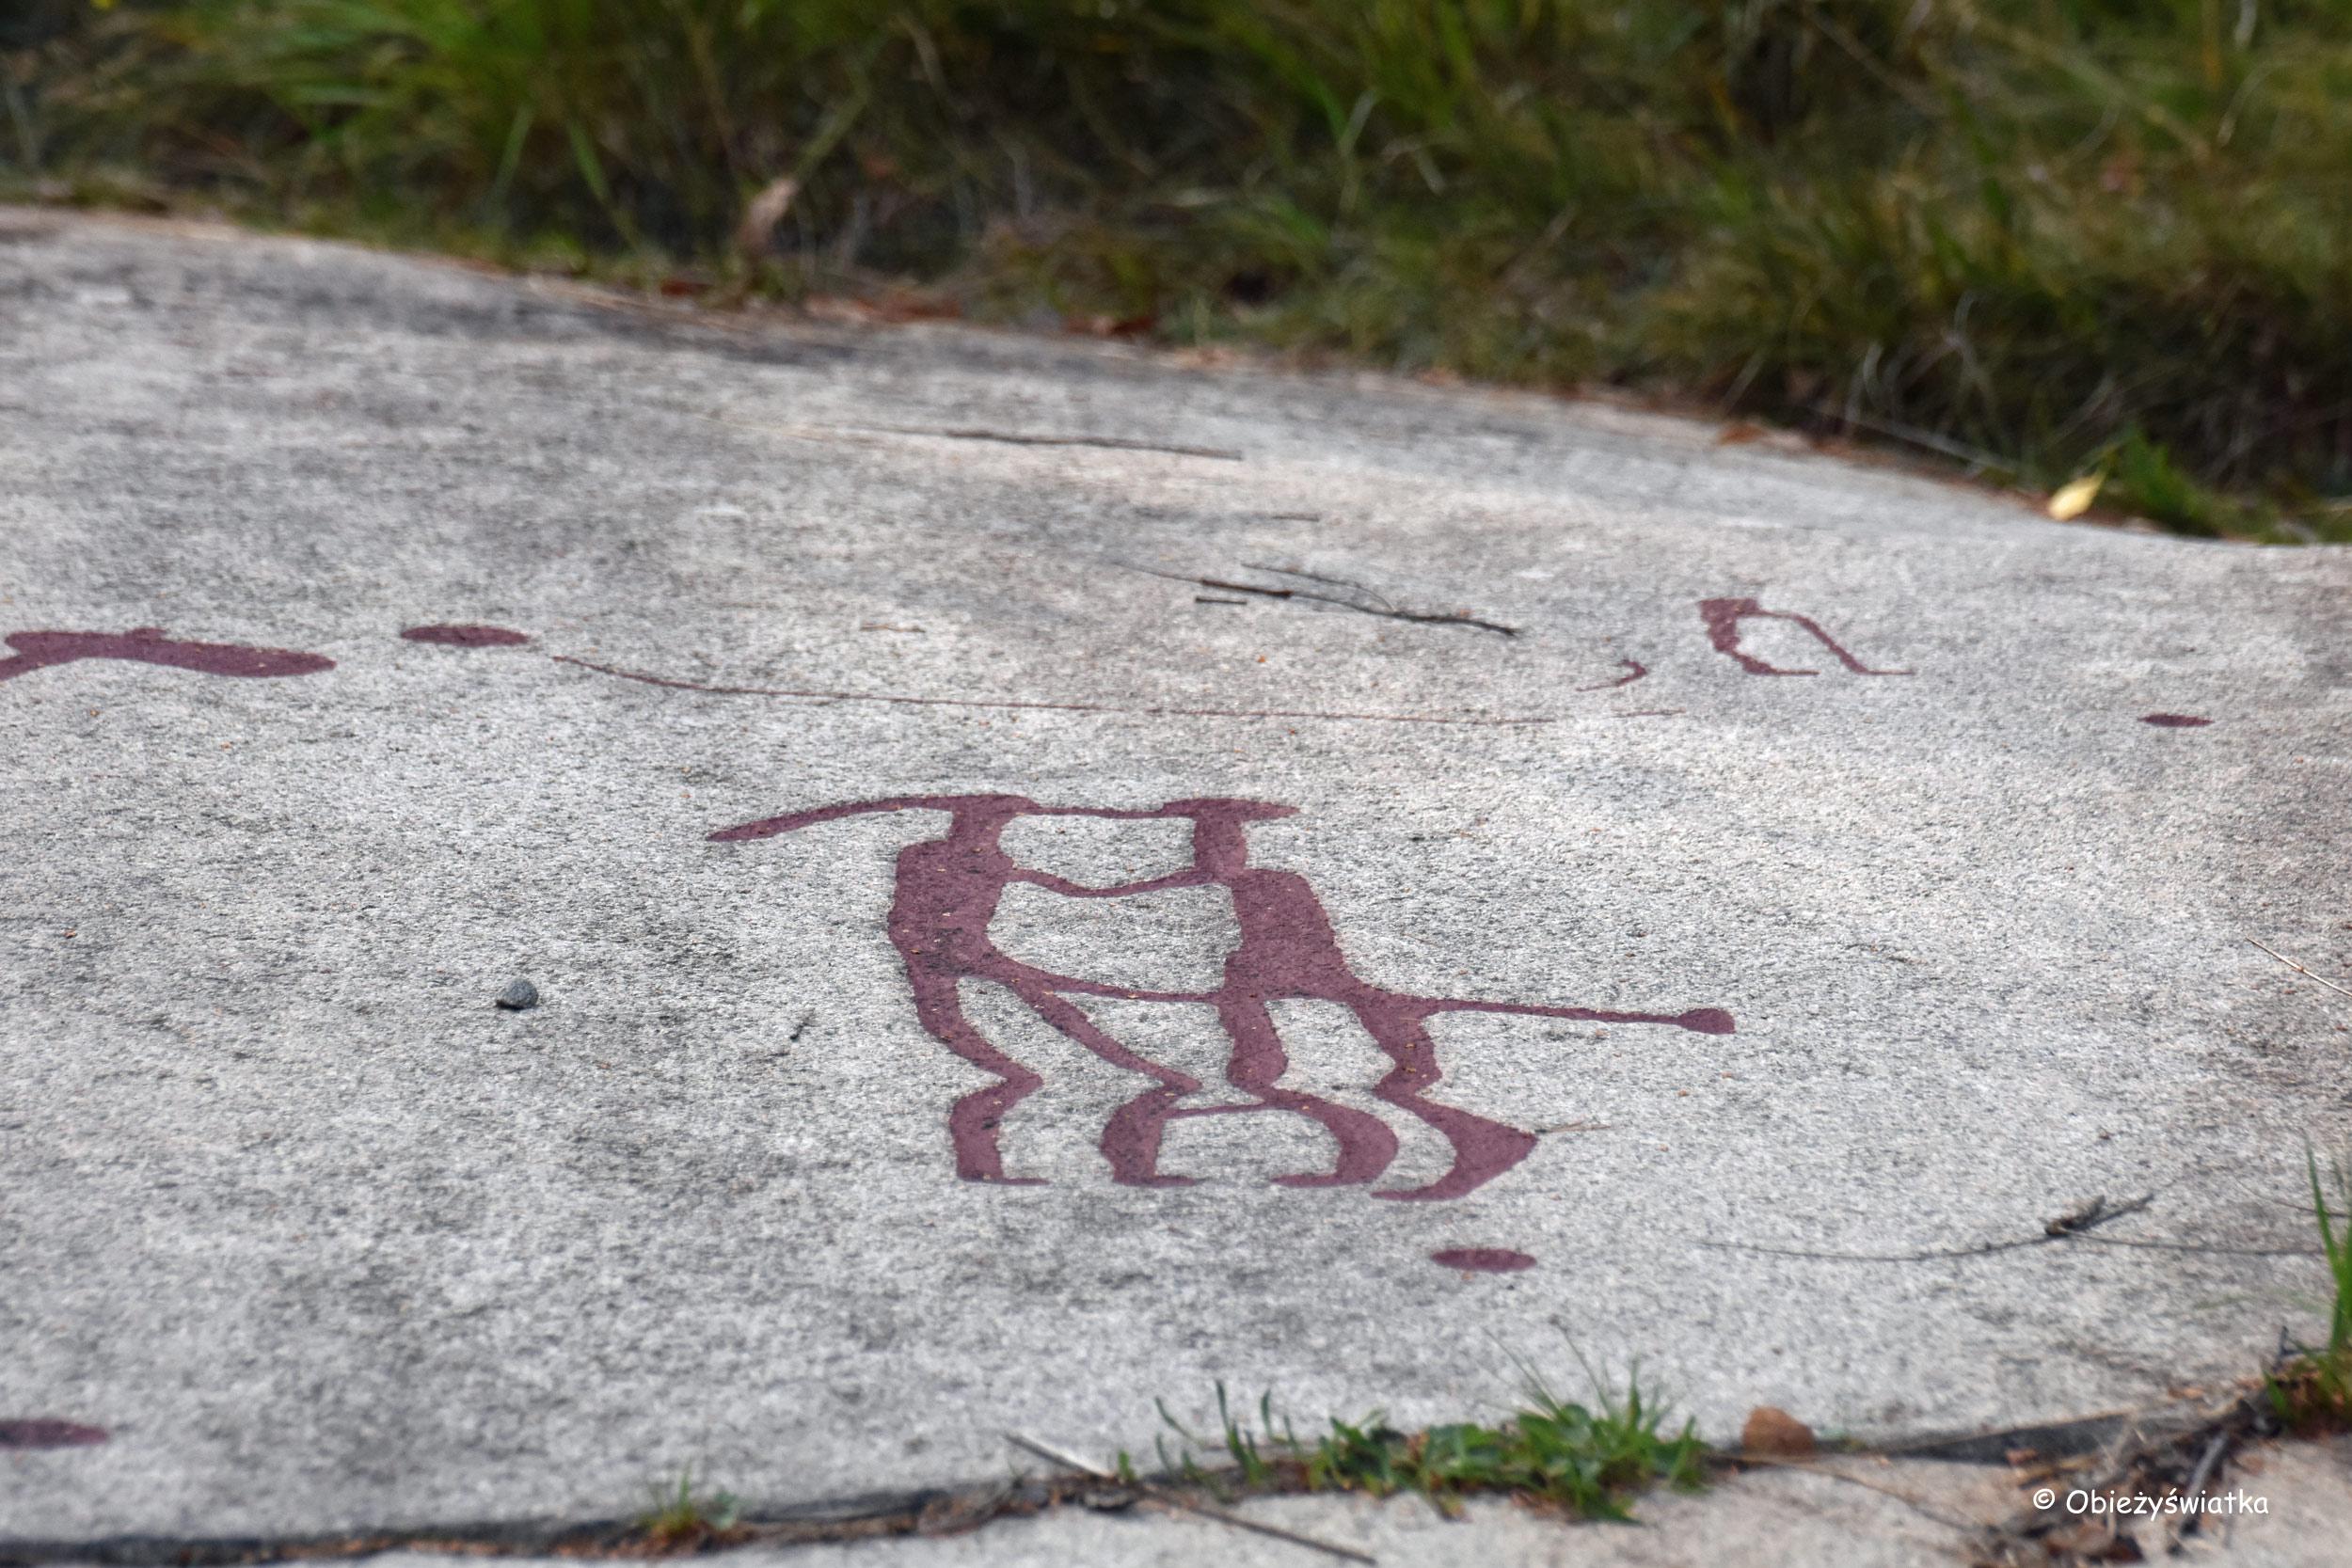 Sztuka naskalna w Tanumshede, Szwecja